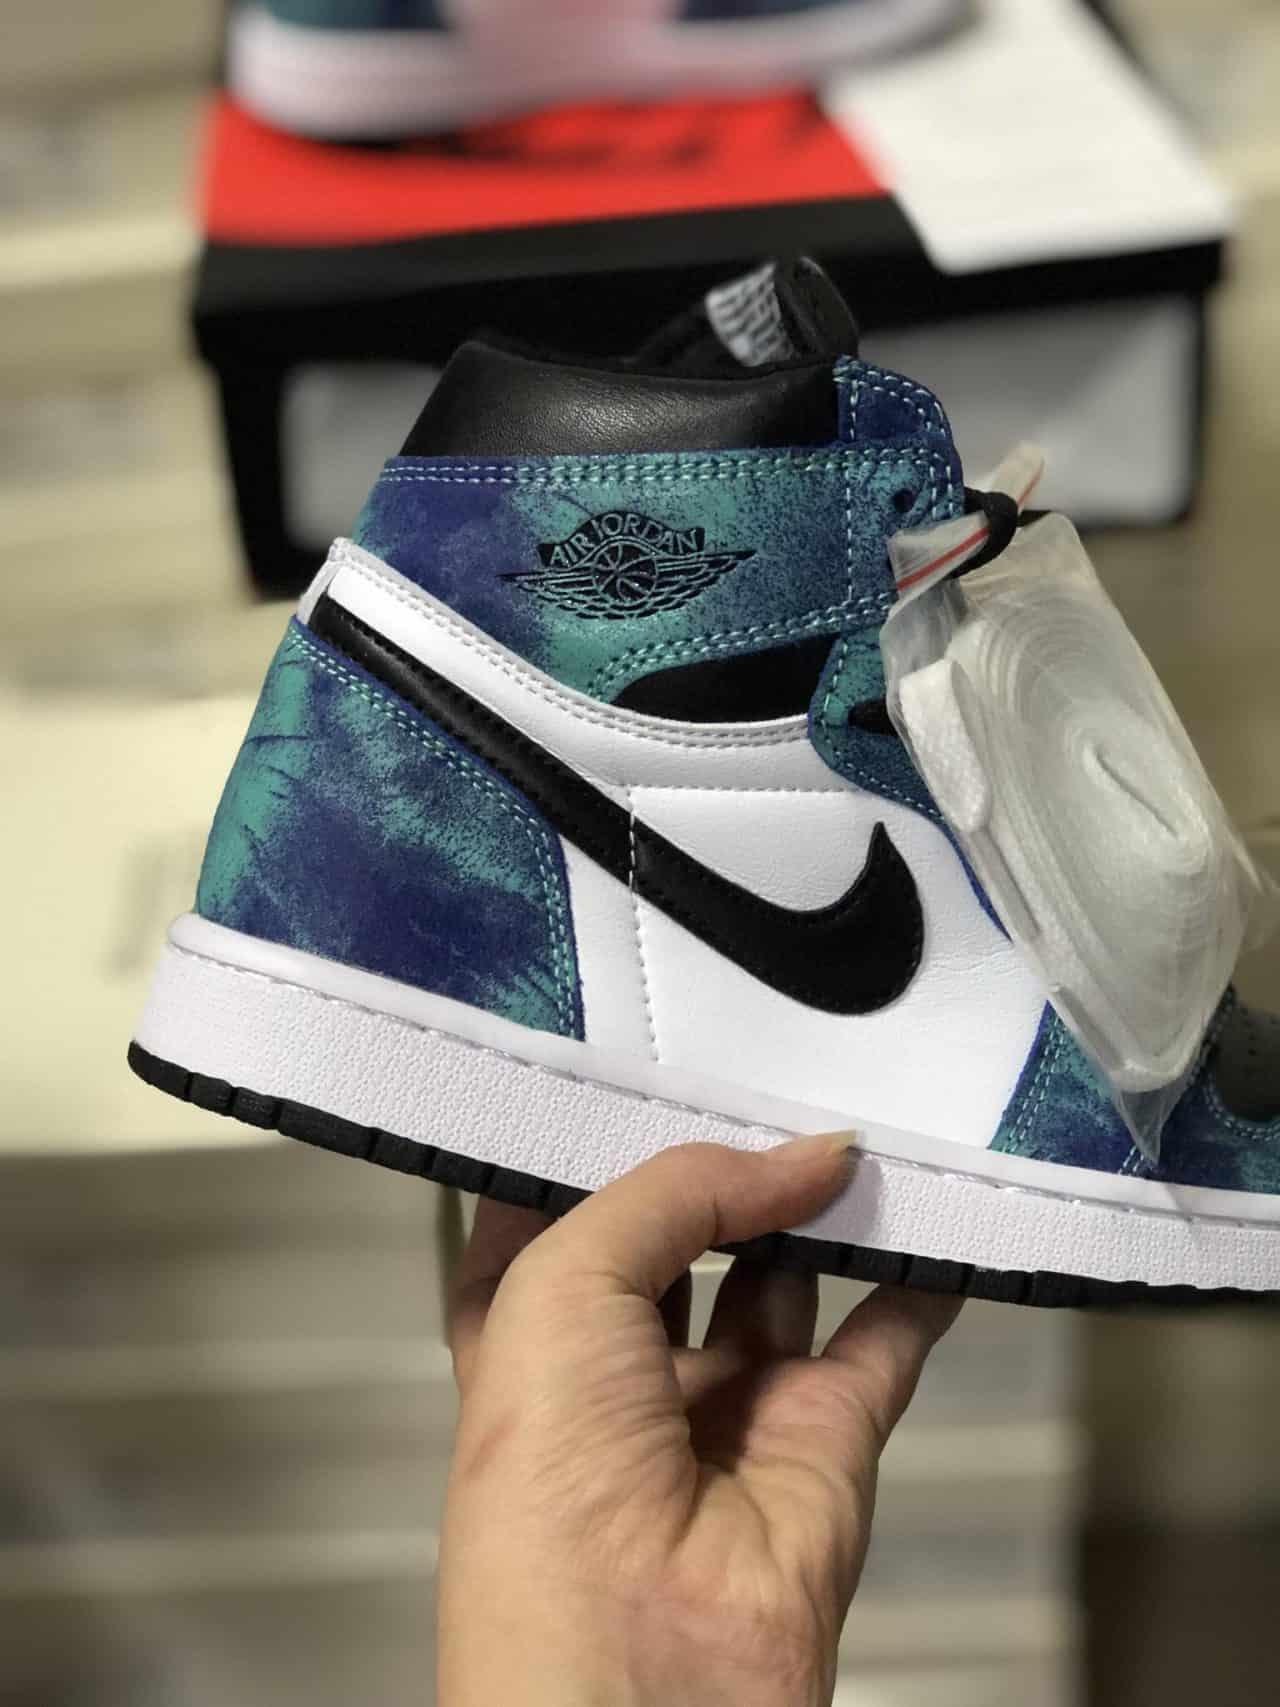 Giày Jordan 1 High Tie Dye rep 1:1 có nhiều size cho bạn tùy ý lựa chọn